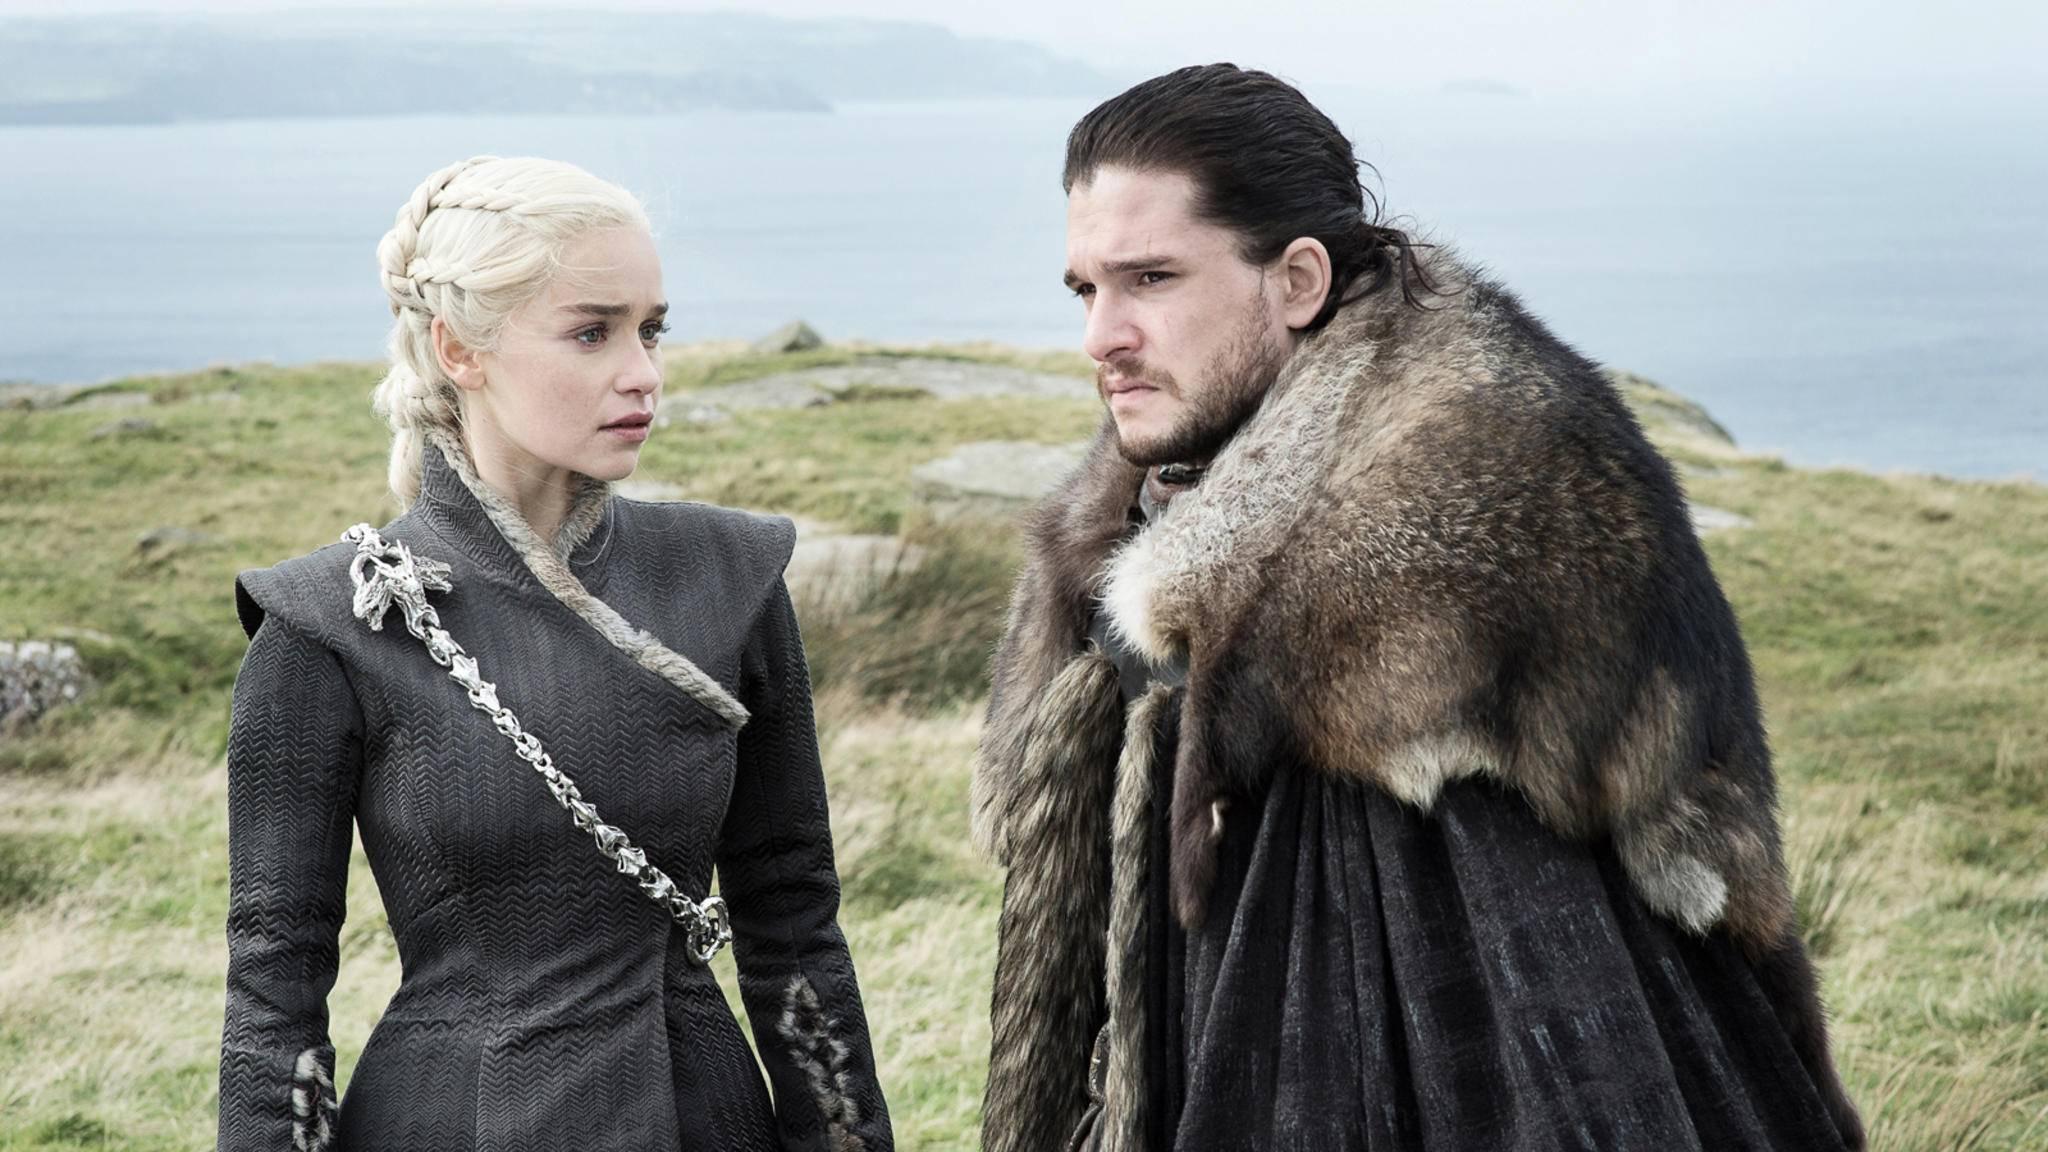 """Staffel 7 von """"Game of Thrones"""" lieferte reichlich Stoff für hitzige Diskussionen und Spekulationen darüber, wie es denn nun weitergehen könnte."""